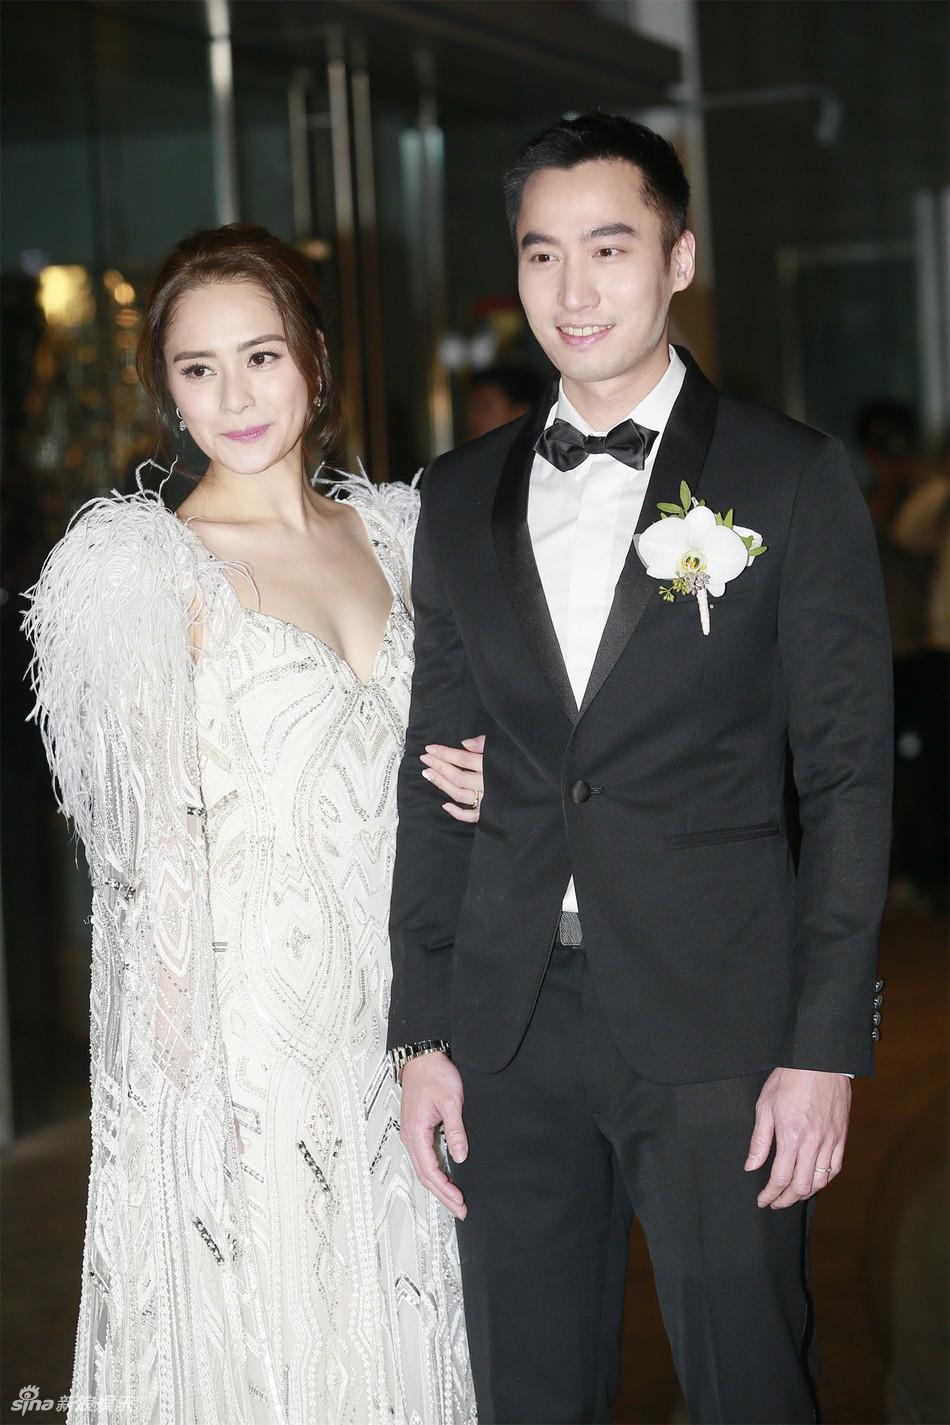 Đám cưới hoành tráng của Chung Hân Đồng: Ông trùm showbiz Hong Kong, con gái tài phiệt Macau cùng dàn sao hạng A tề tựu đông đủ - Ảnh 1.